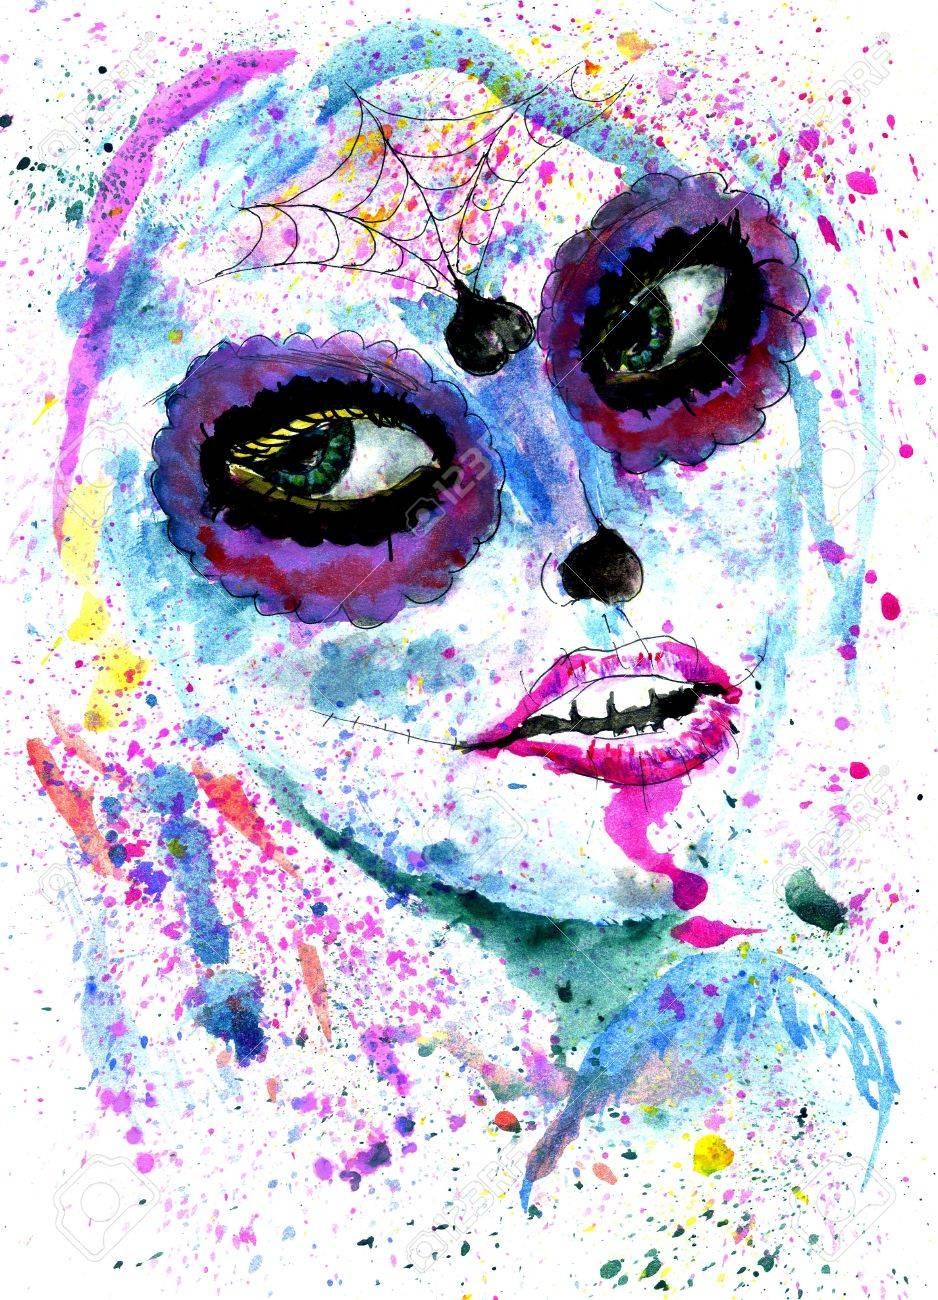 foto de archivo halloween nia con maquillaje del crneo del azcar la pintura de acuarela